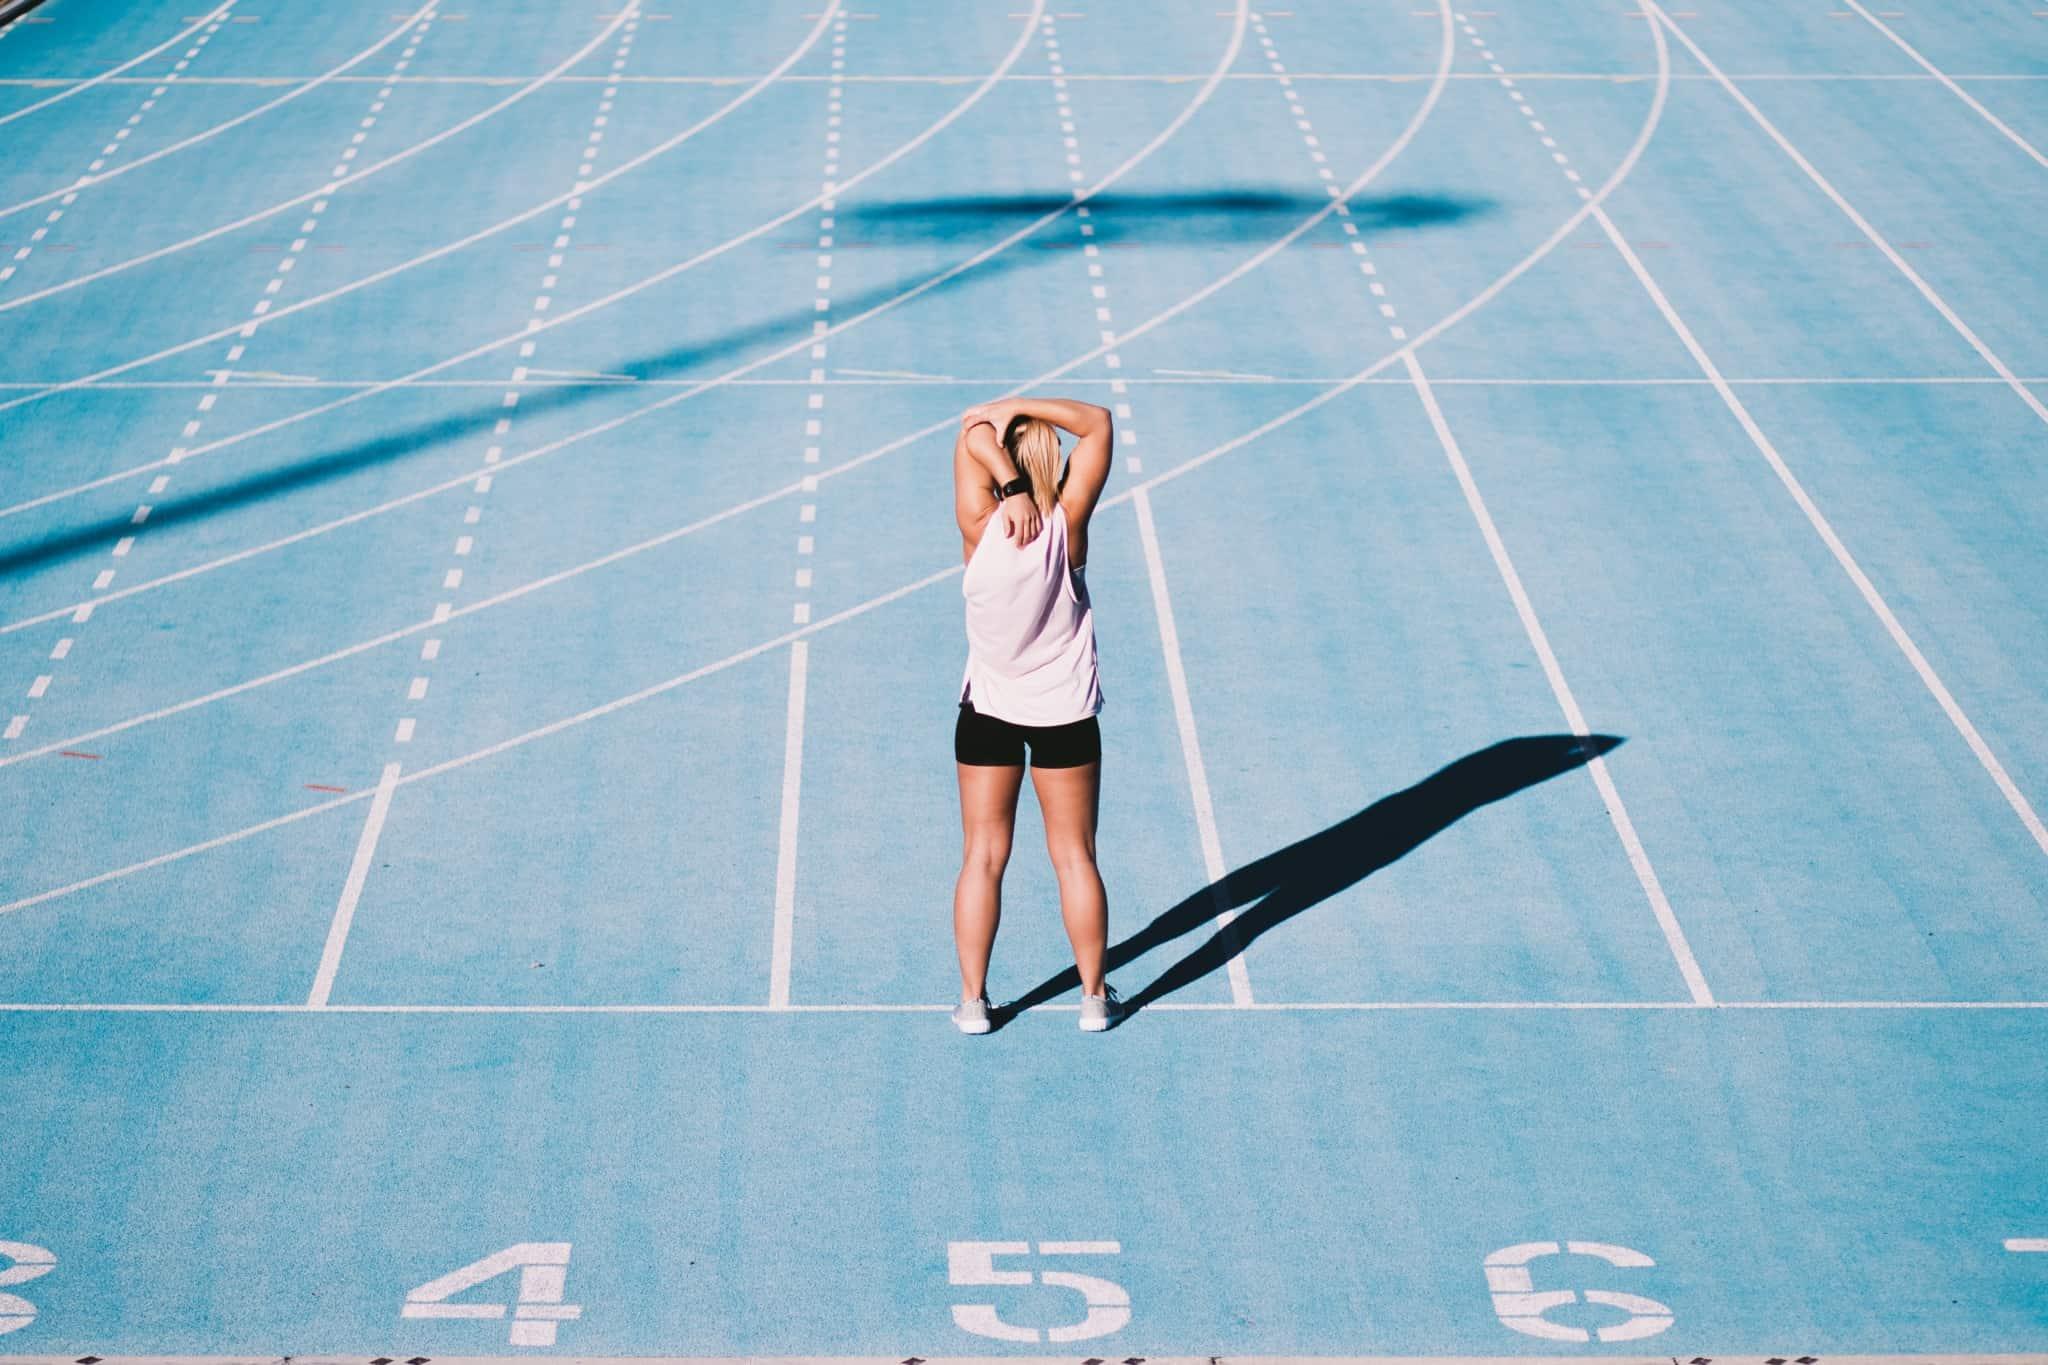 mulher desportista a alongar as costas numa pista de corrida azul